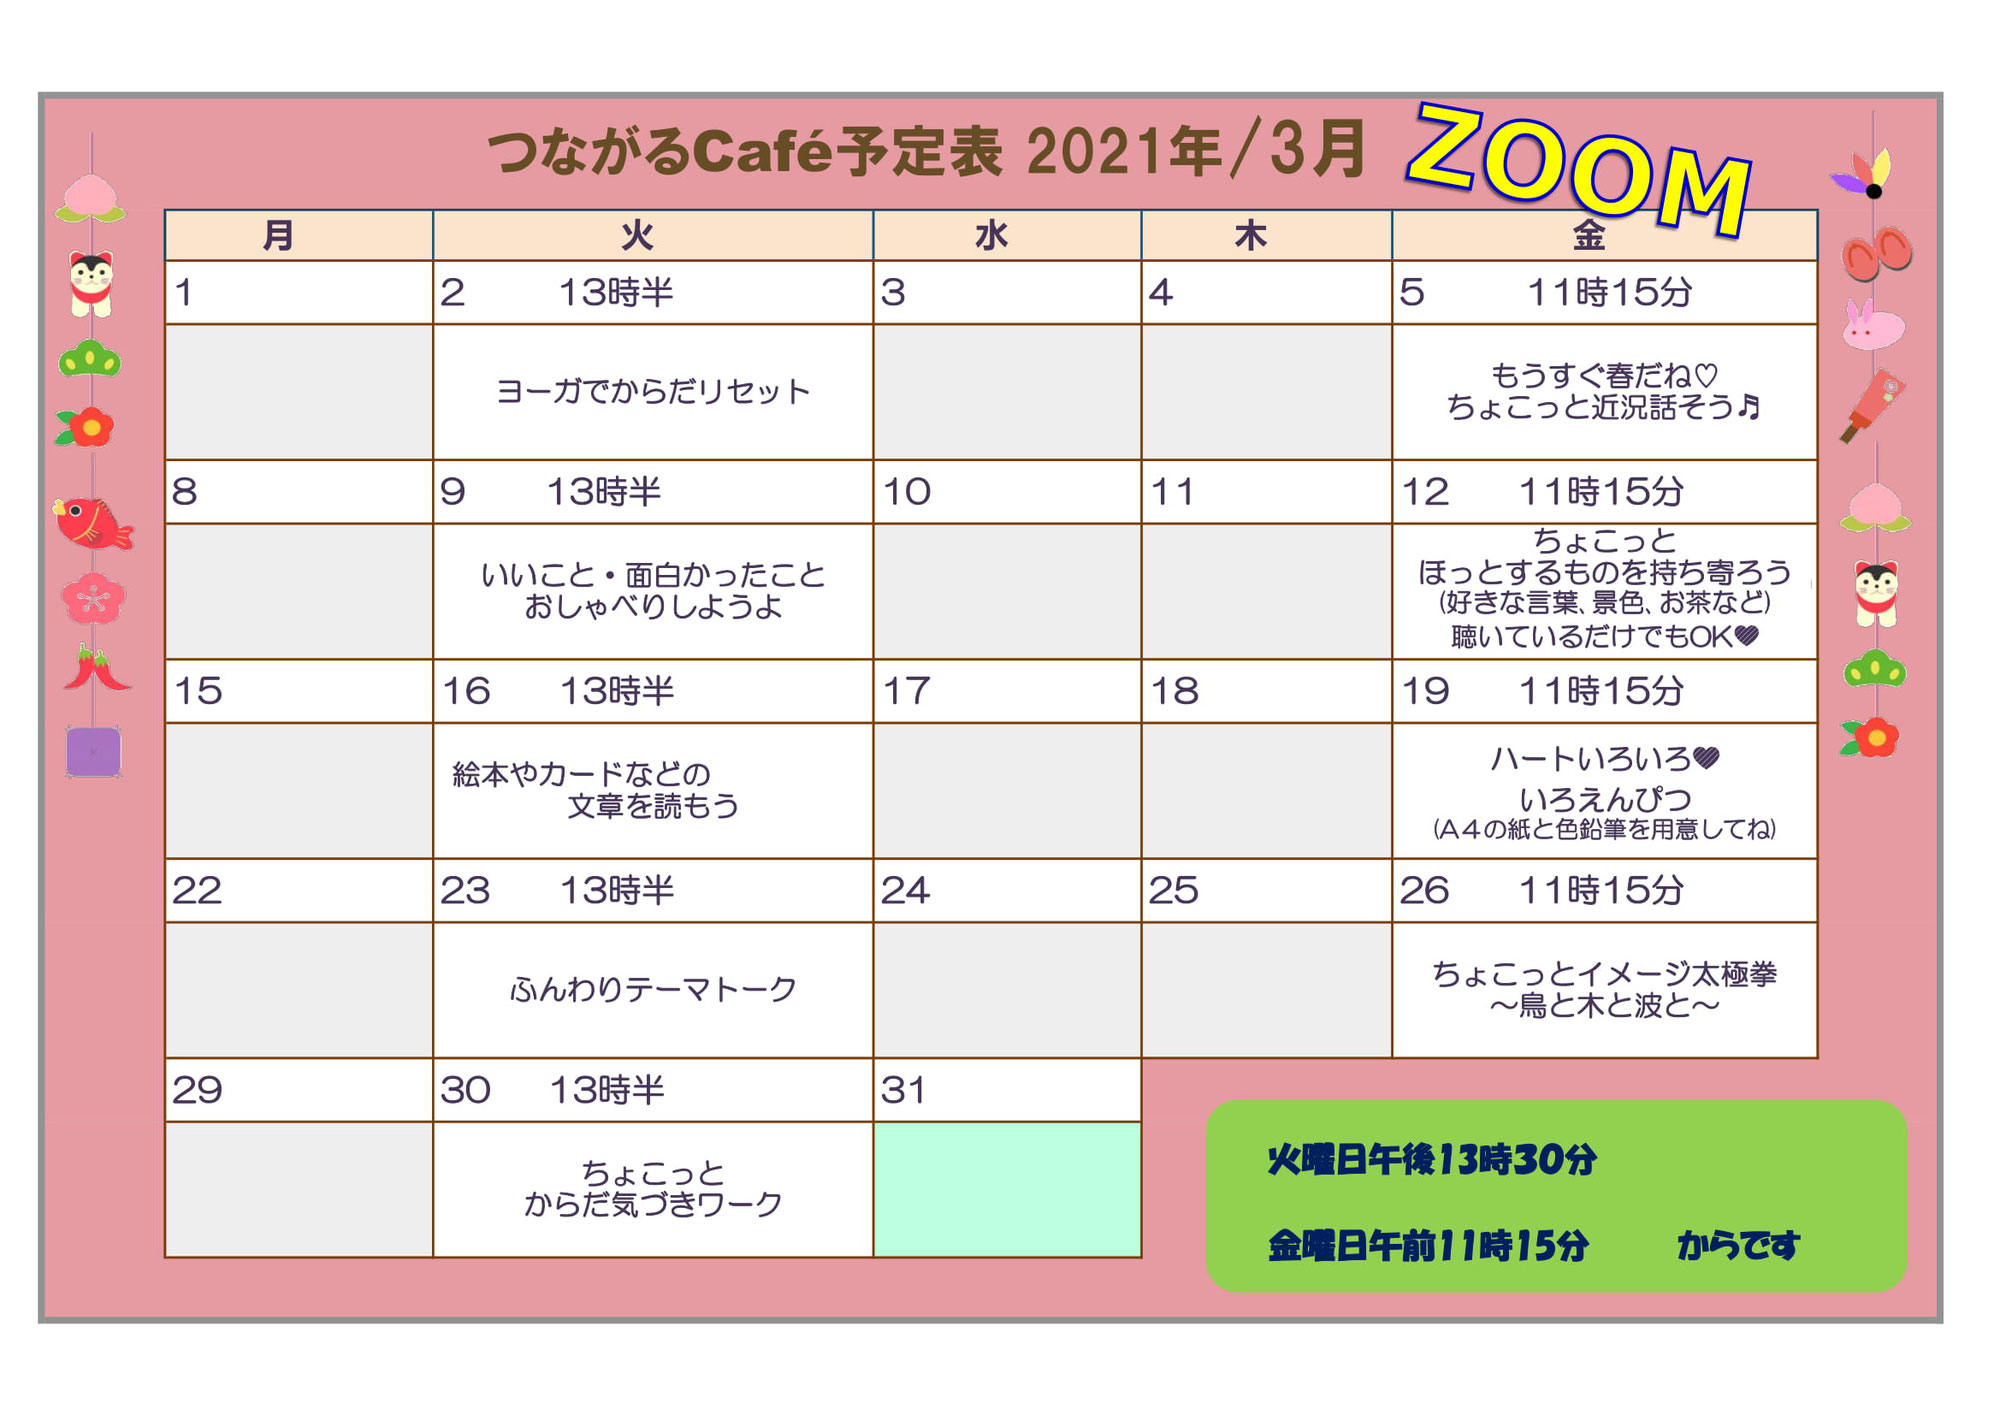 3月zoomcaféのプログラム